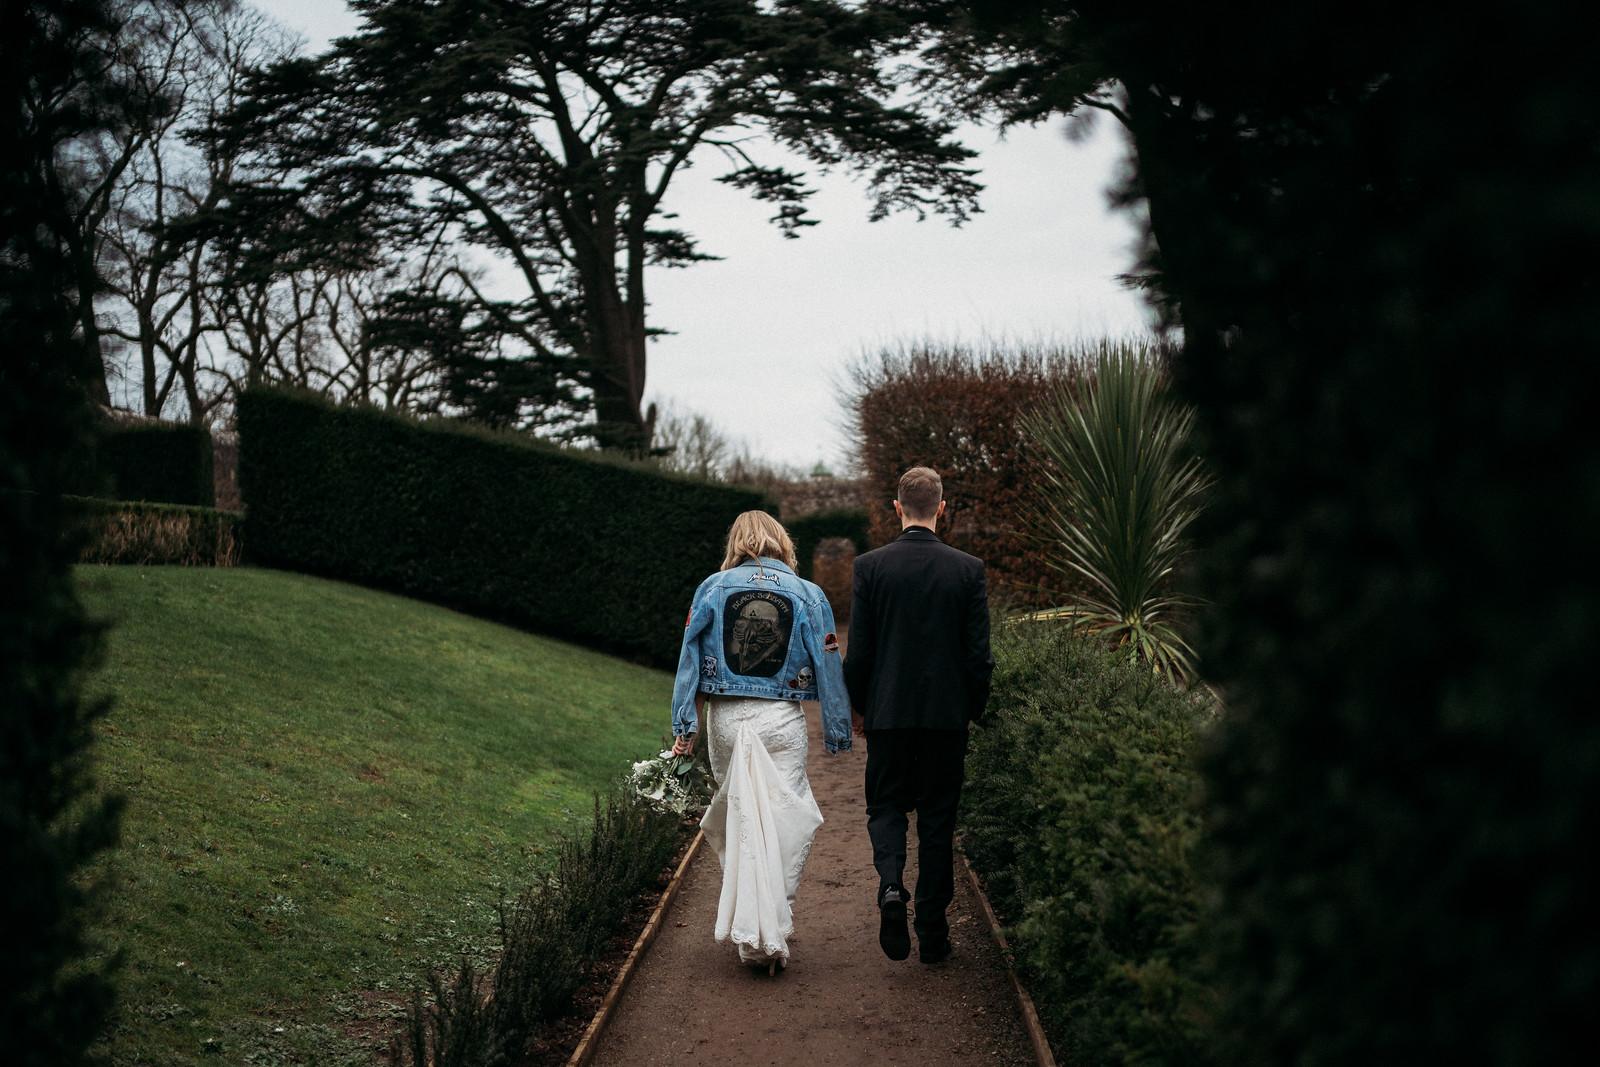 Behind shot of bride and groom